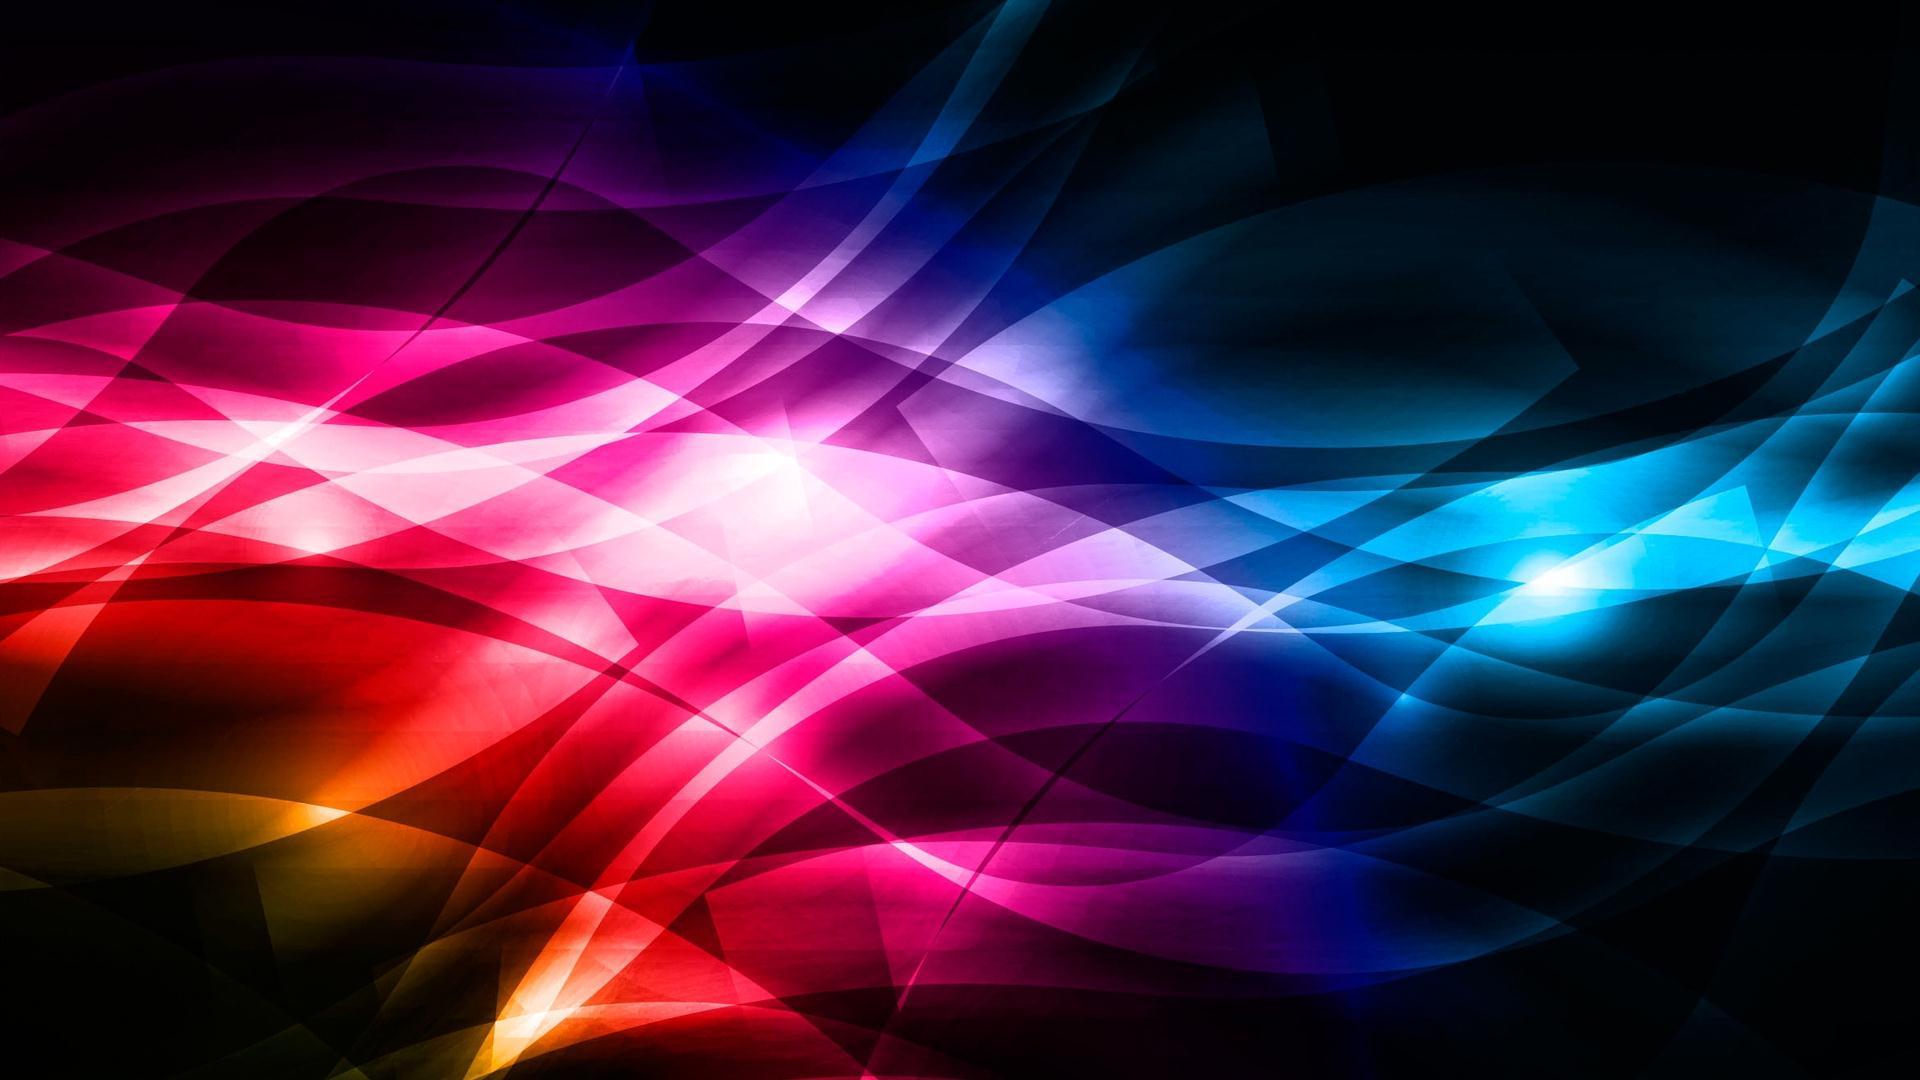 Colorful Graphic Design HD Wallpaper 1920x1080